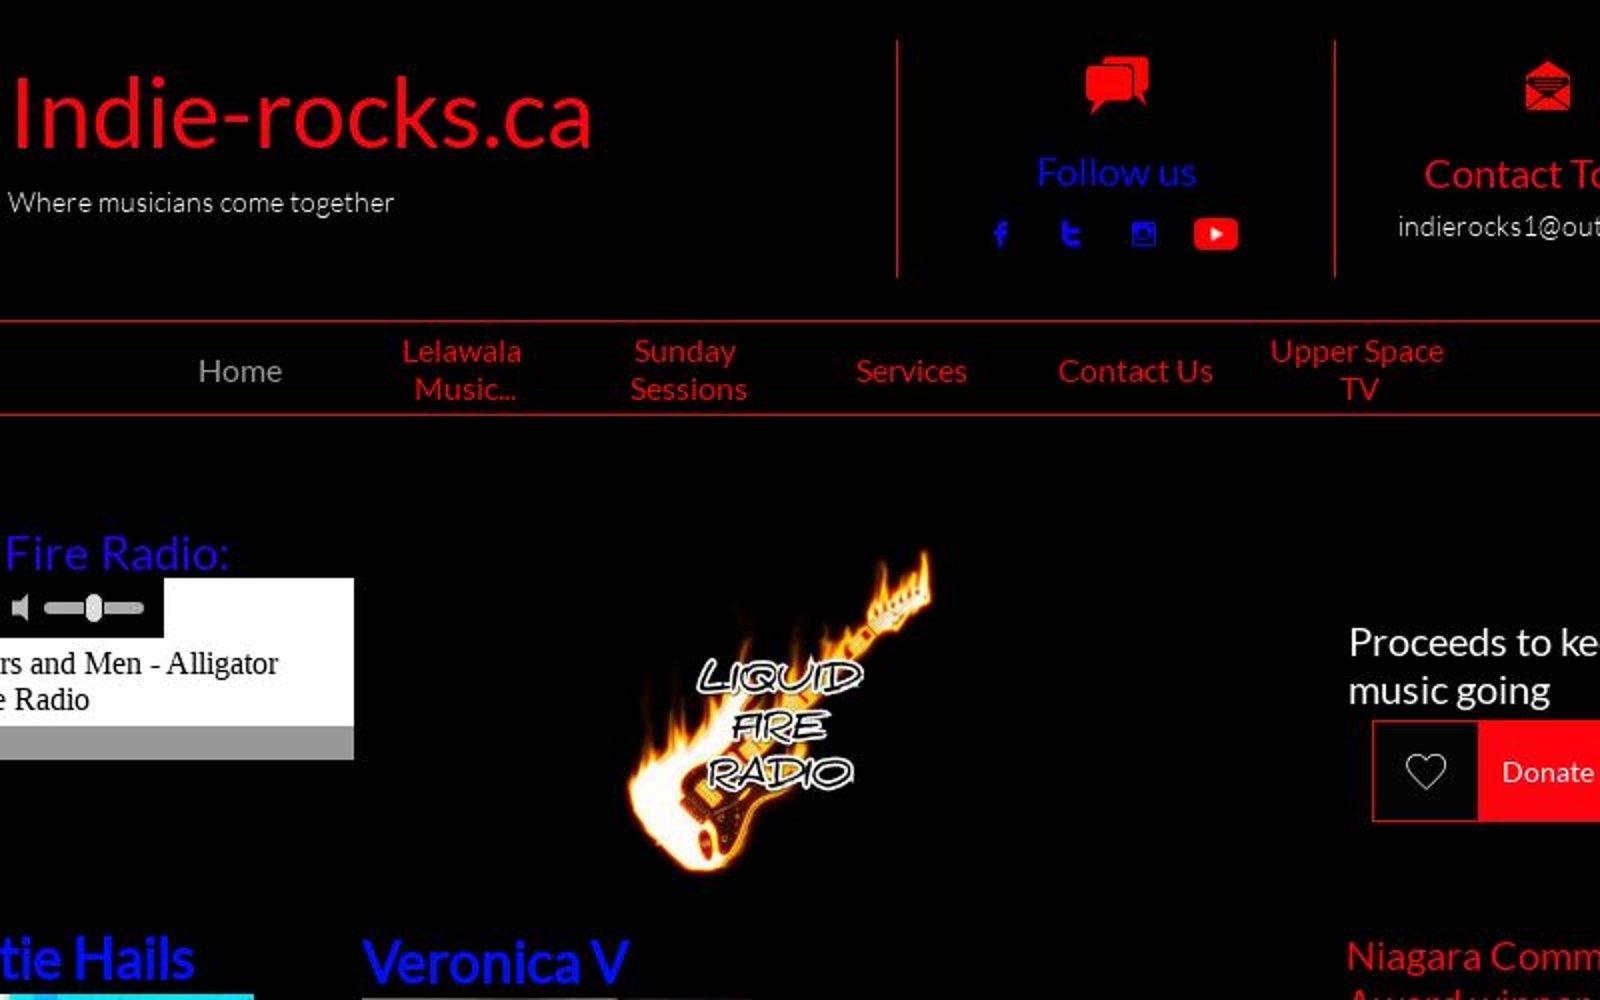 indie-rocks